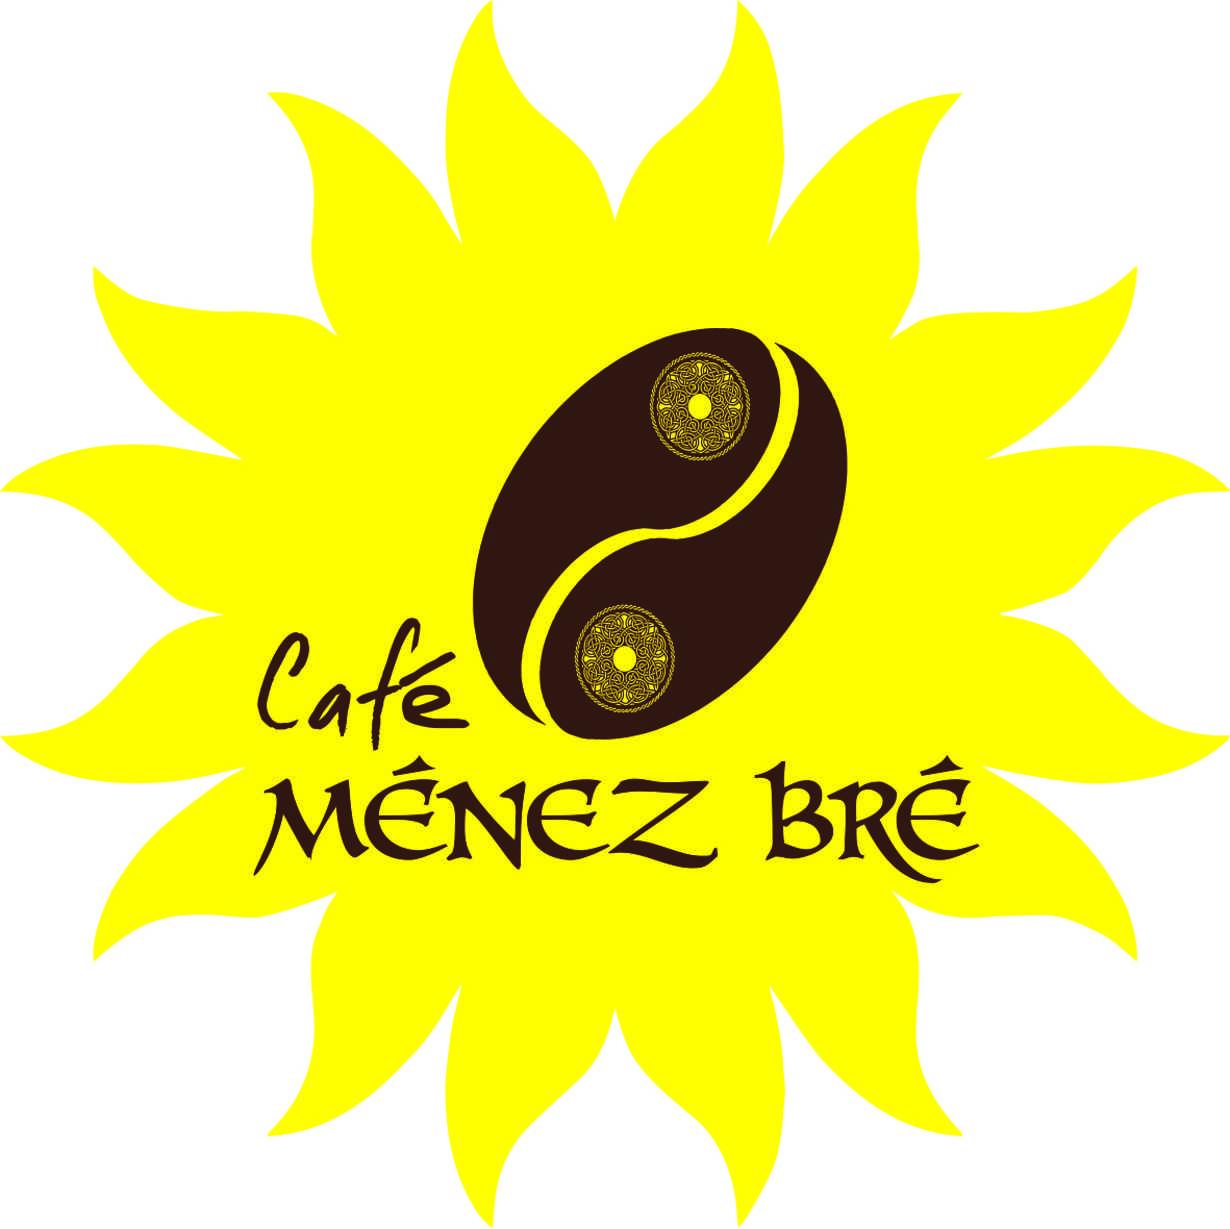 cafe menez bre